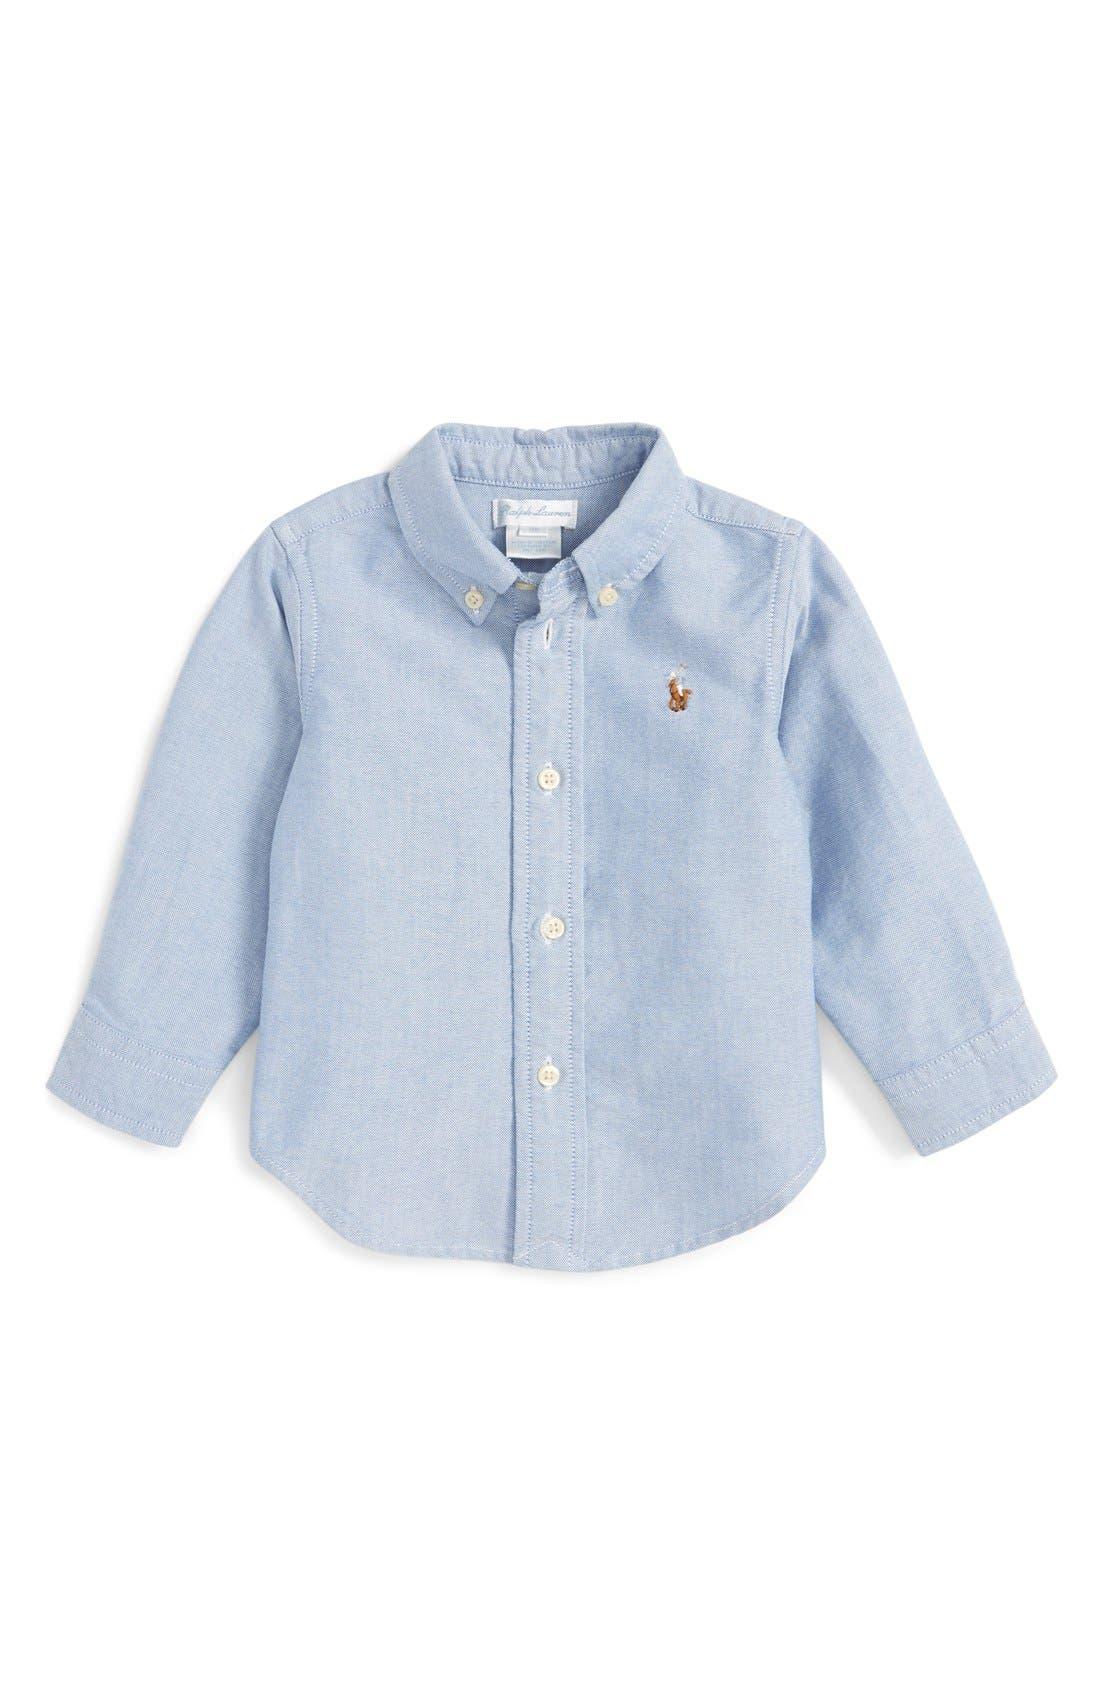 Infant Boys Ralph Lauren Oxford Shirt Size 9M  Blue